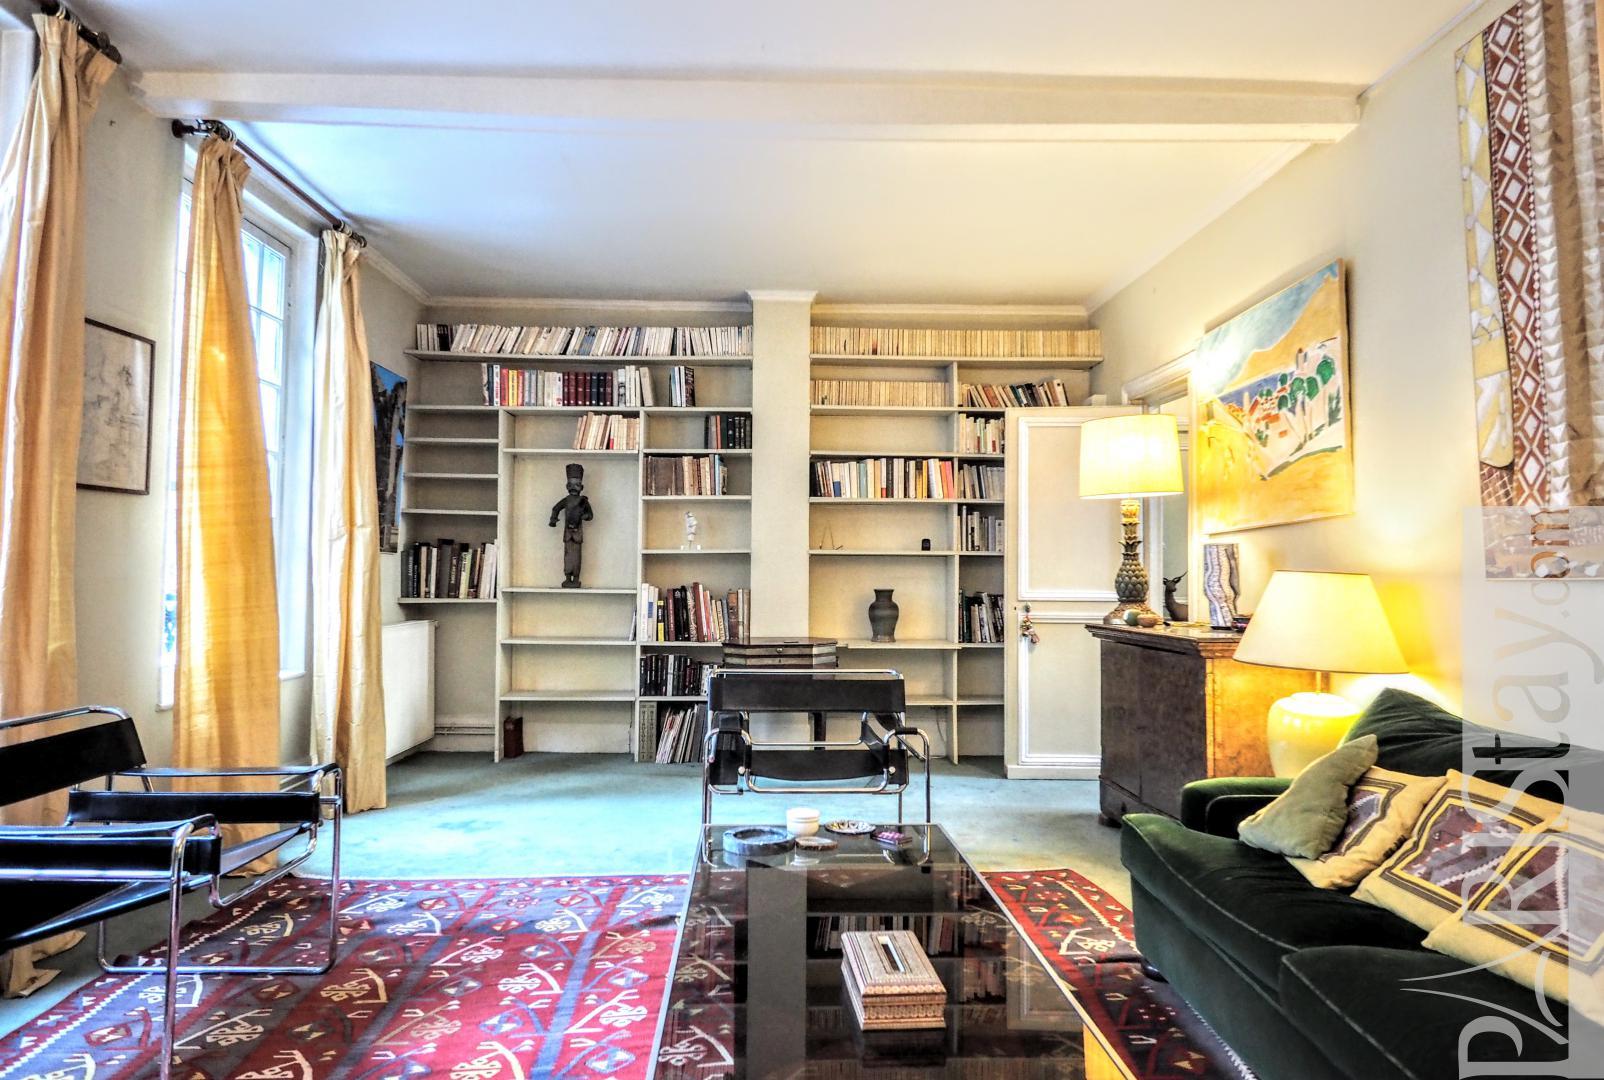 Paris appartement meubl 3 chambres t6 maison louer paris - Location paris 3 chambres ...